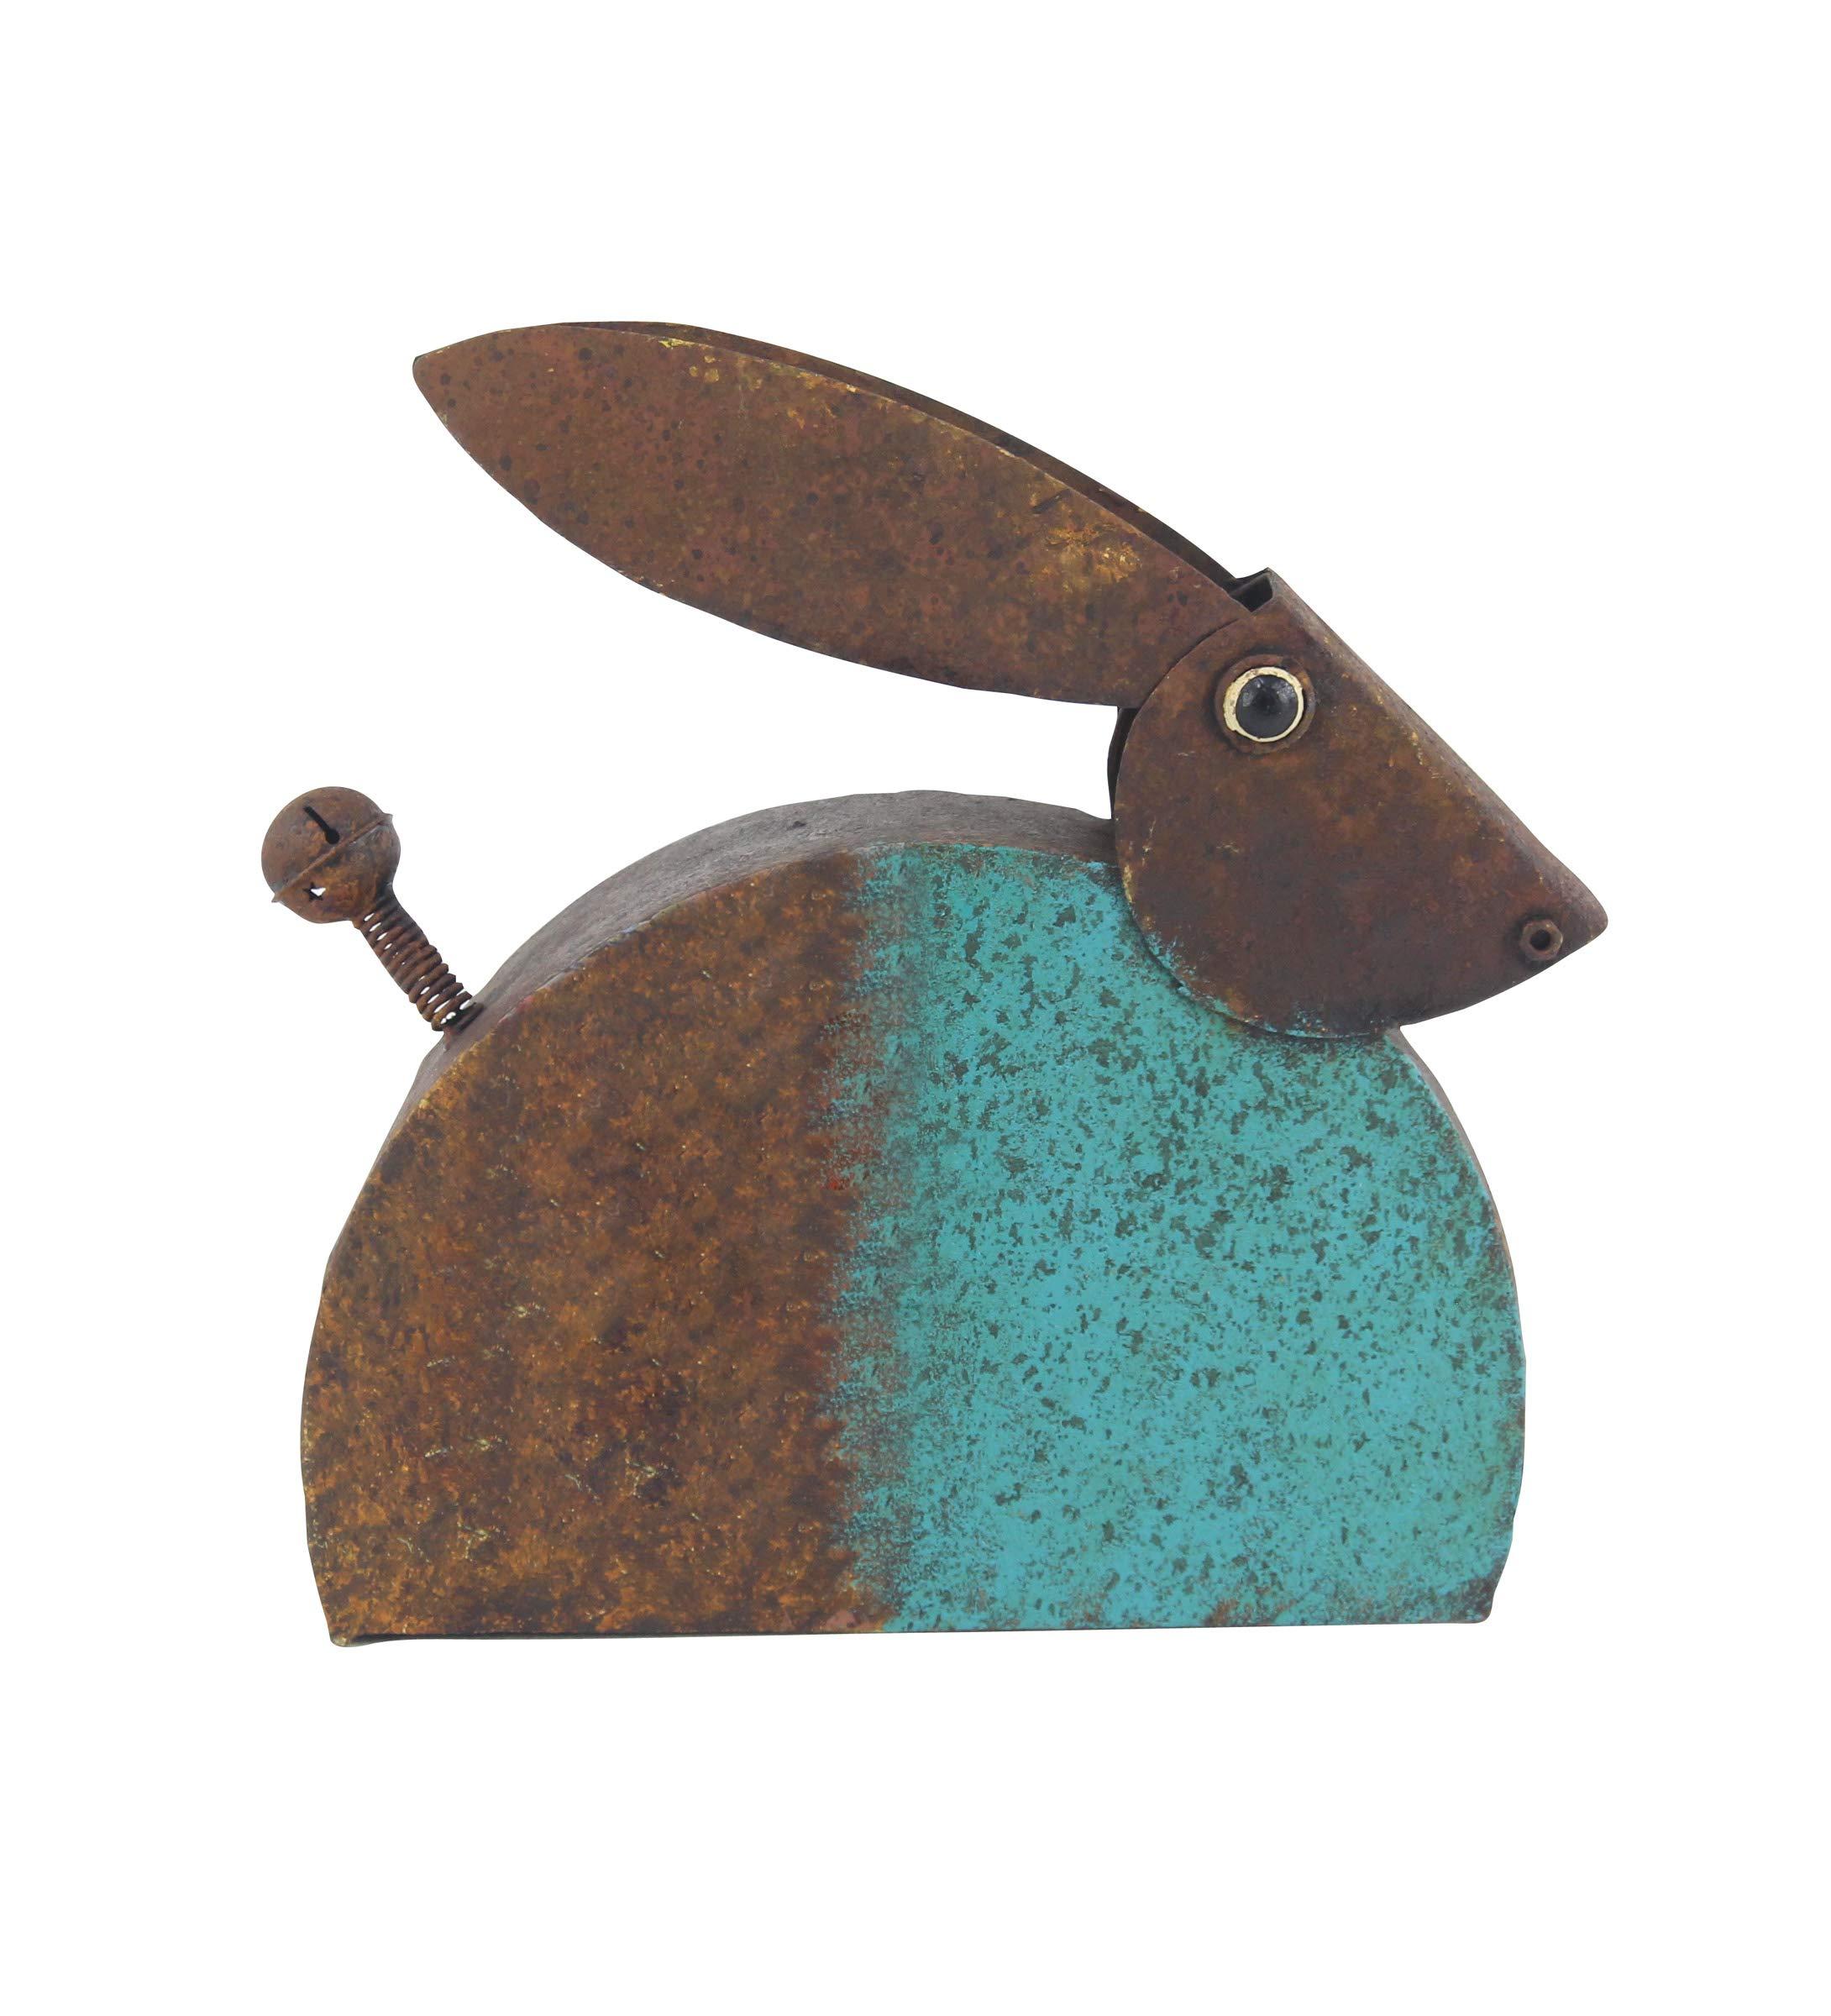 Deco 79 94829 Eclectic Metal Rabbit Sculpture, 14'' W x 13'' H, Brown, Teal